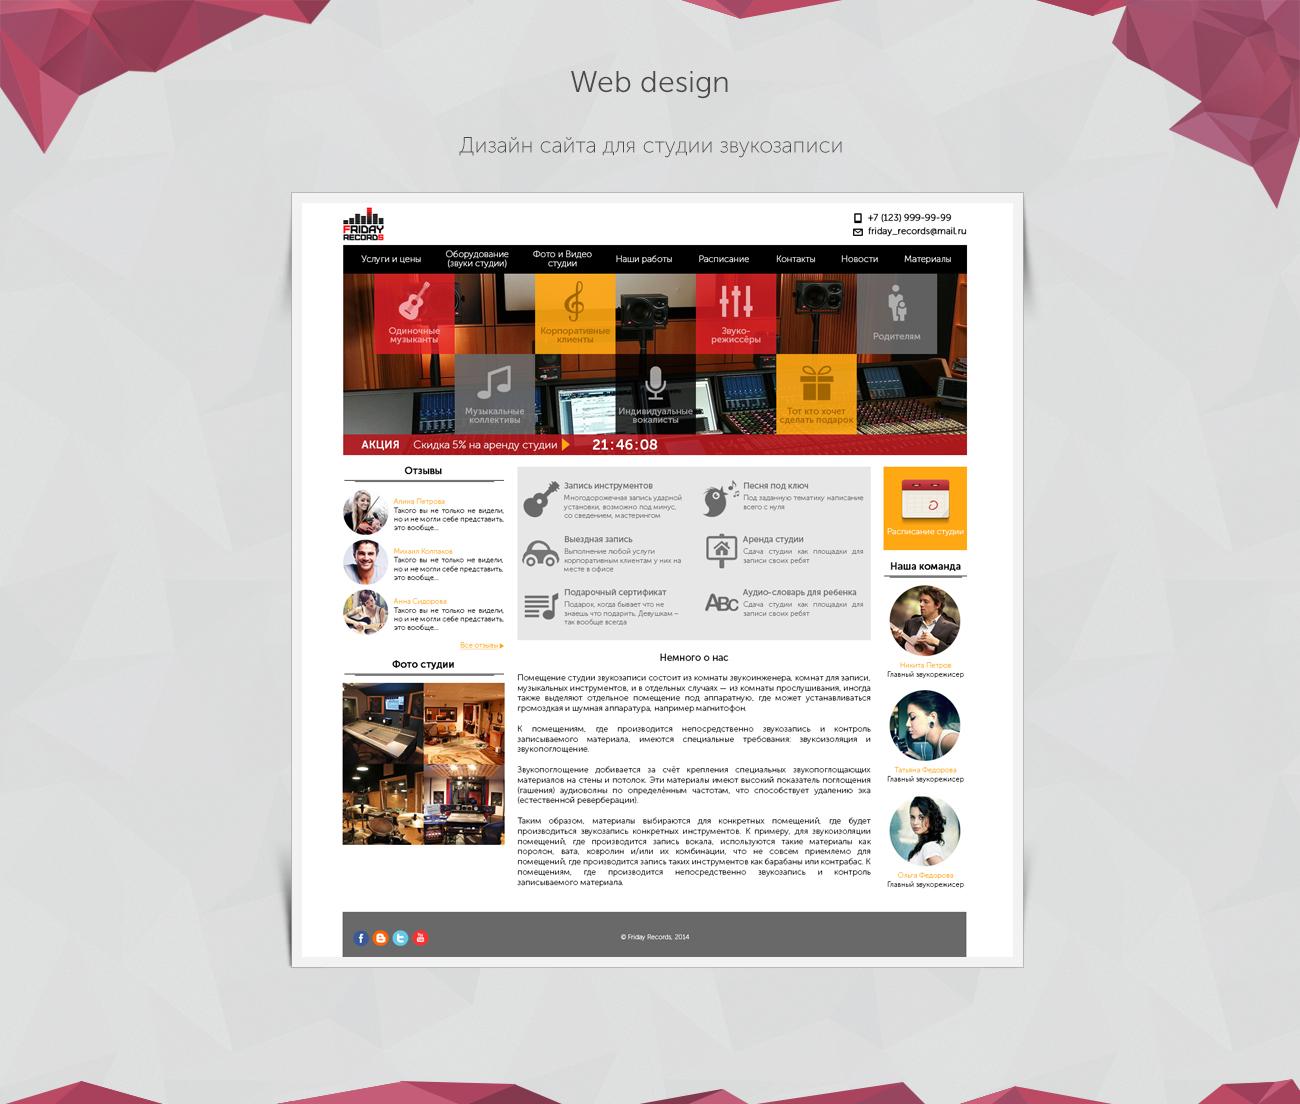 Как сделать оформление сайта